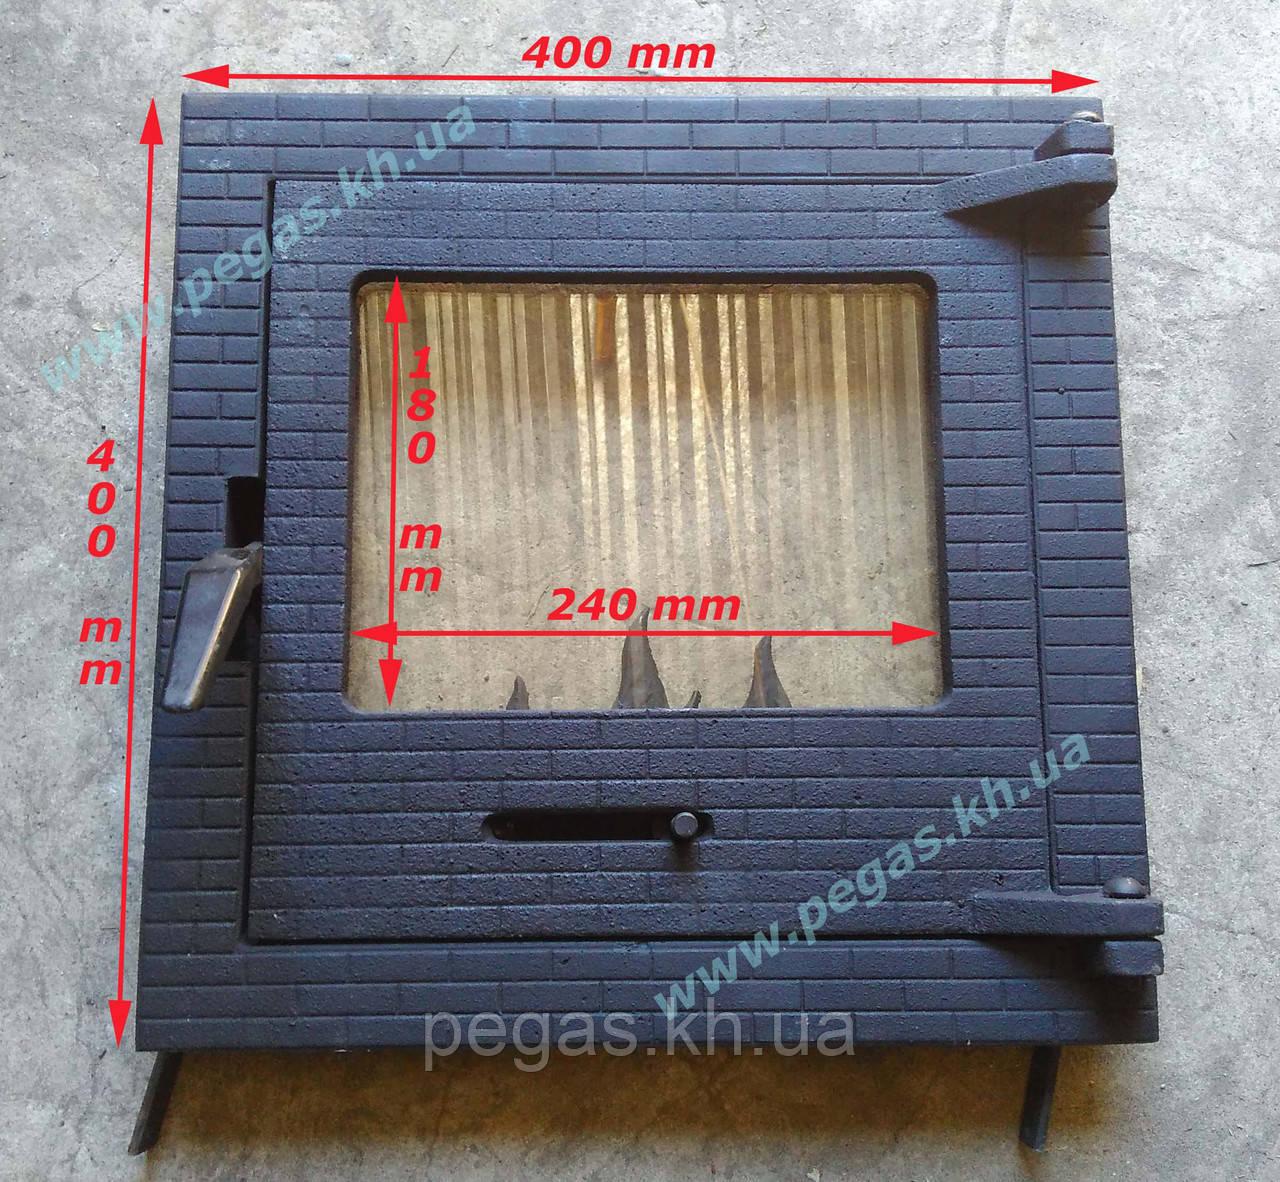 Дверца чугунная с огнеупорным стеклом 400х400 мм. барбекю, печи